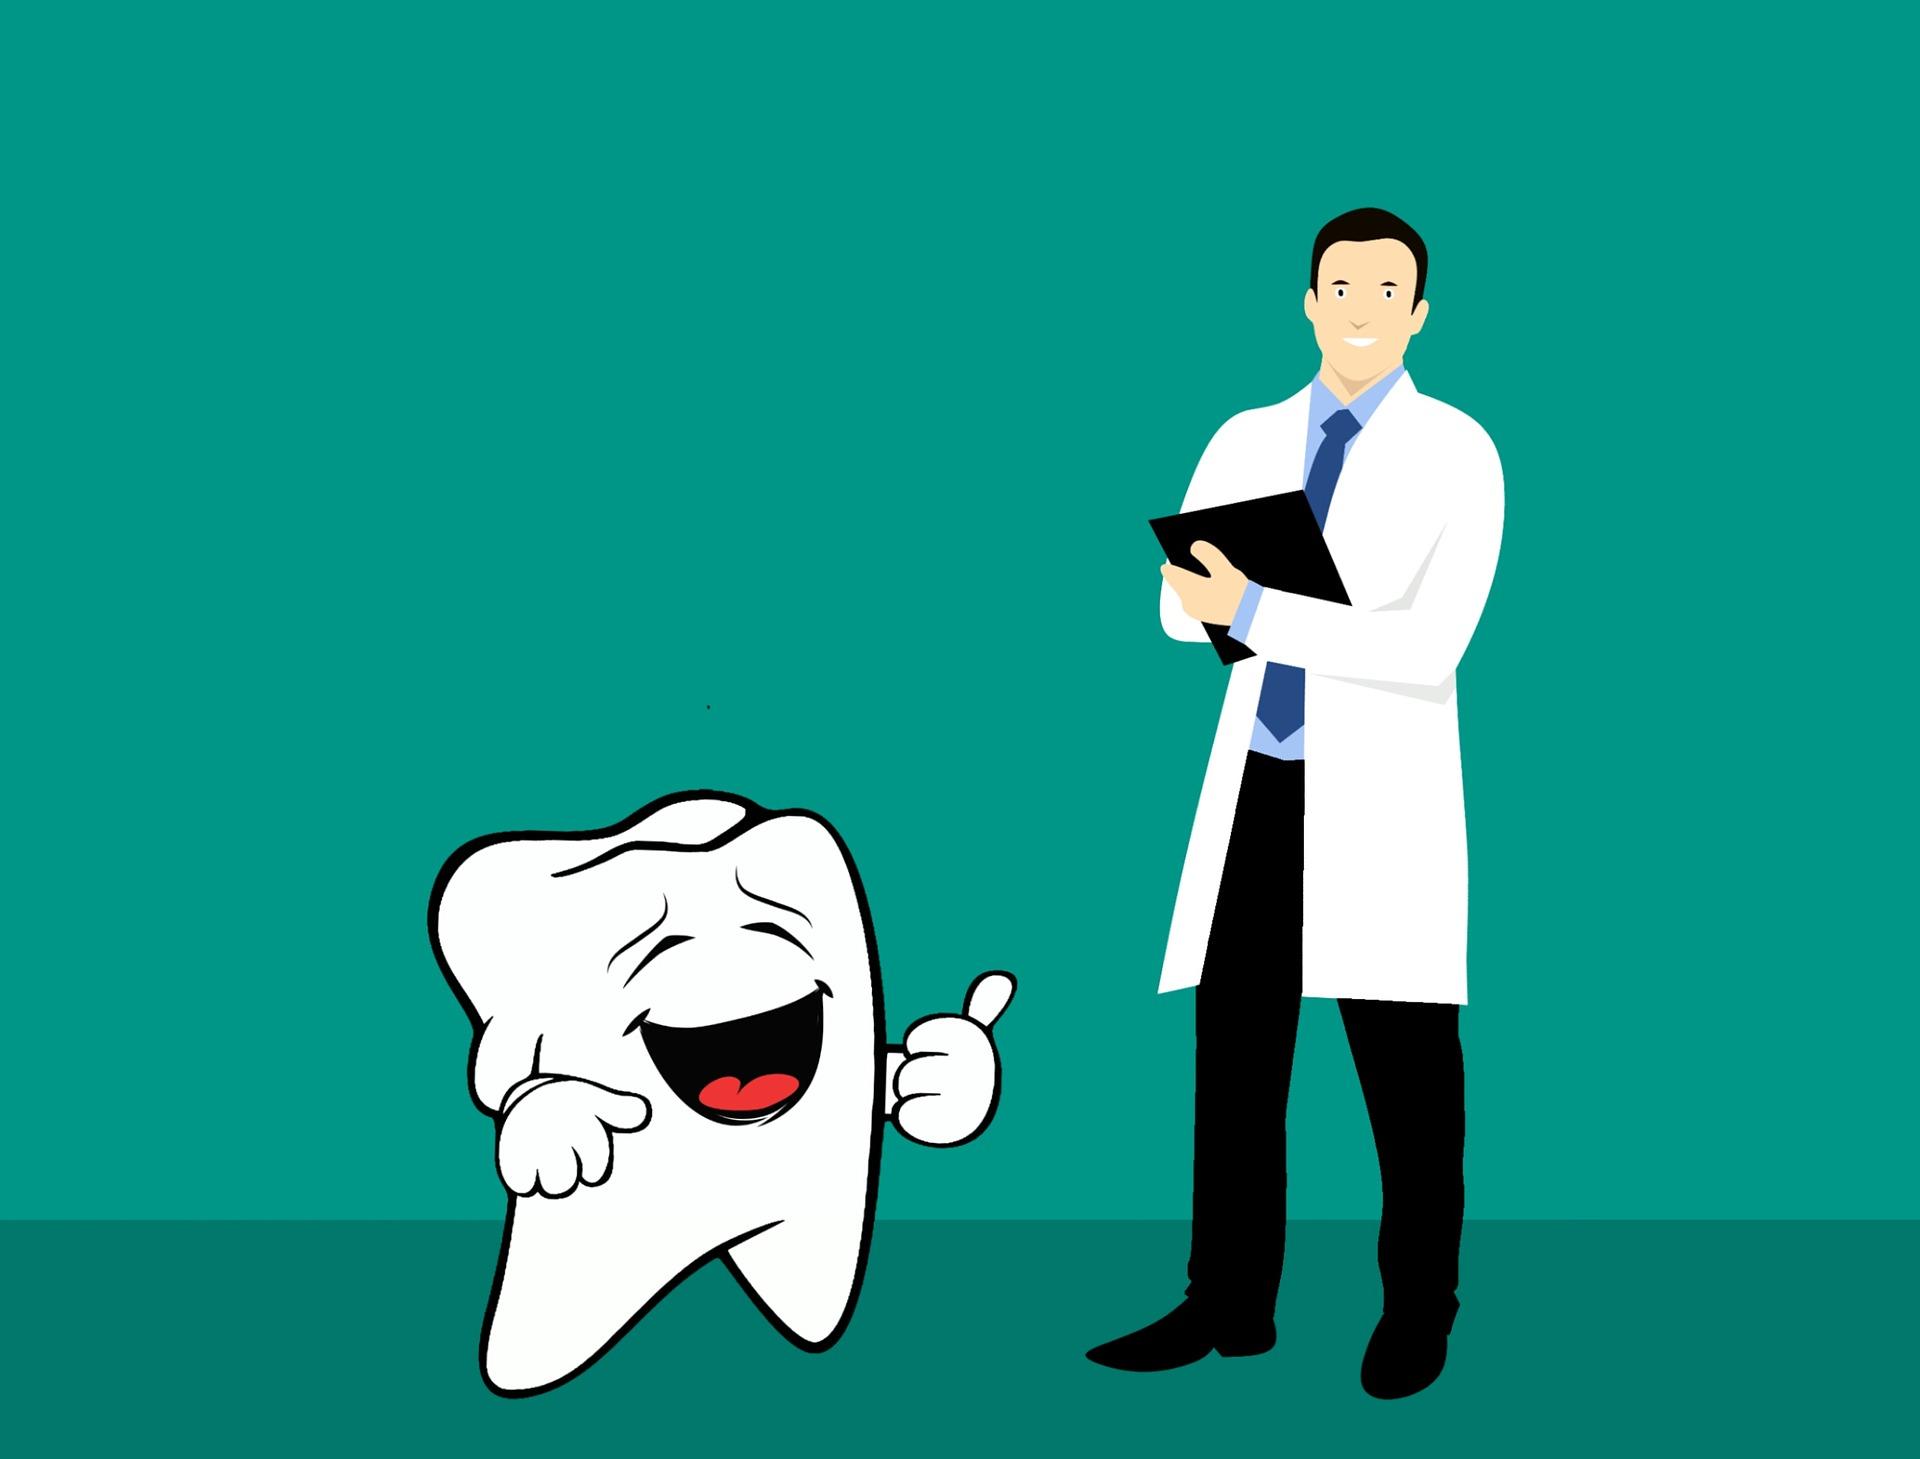 רשלנות רפואית בשיניים – כל מה שיכול לקרות